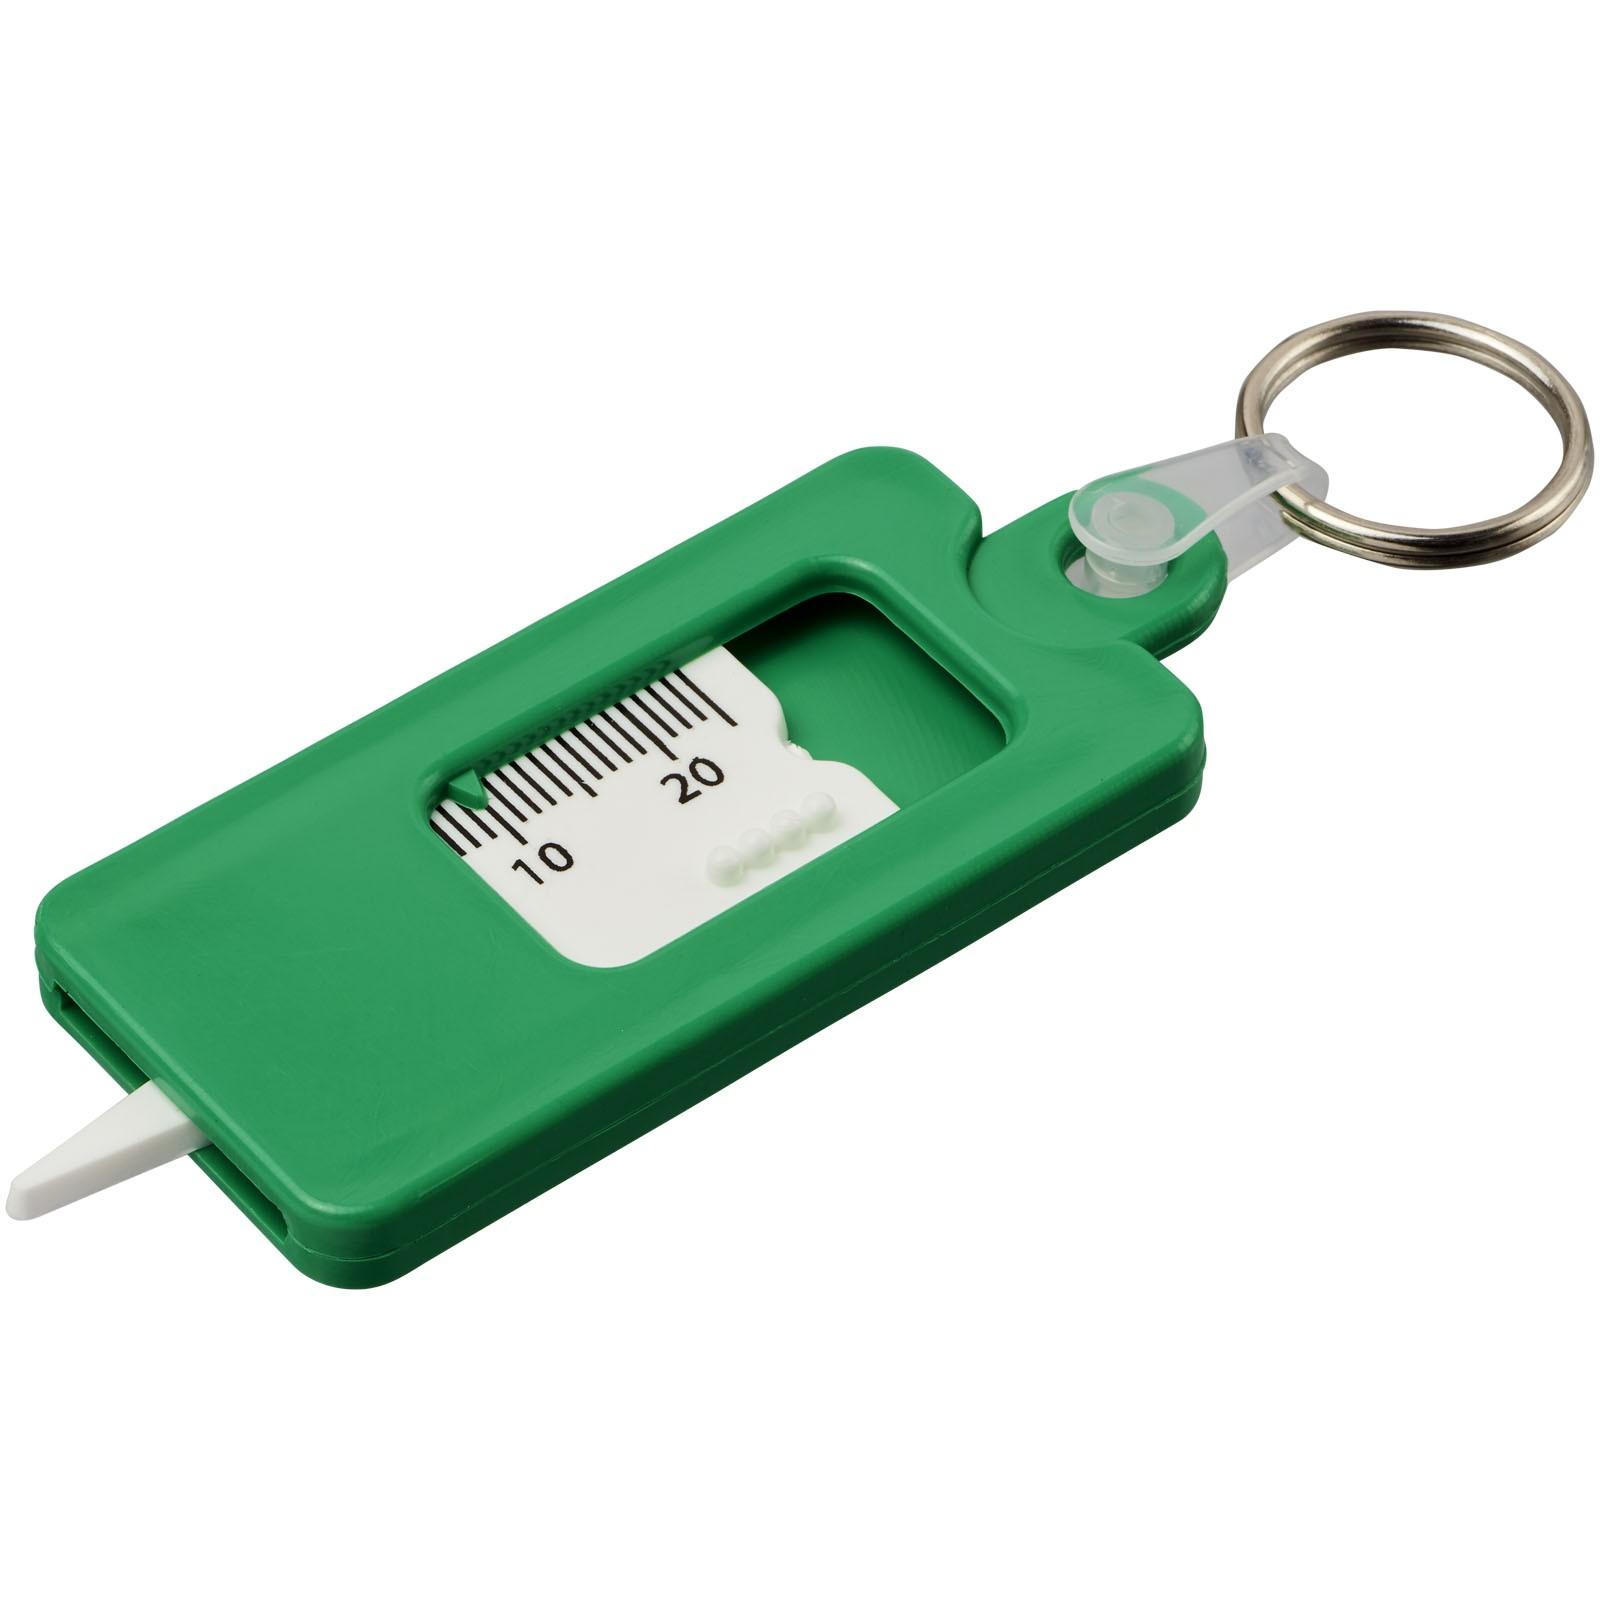 Klíčenkový měřič vzorku pneumatiky Kym - Zelená